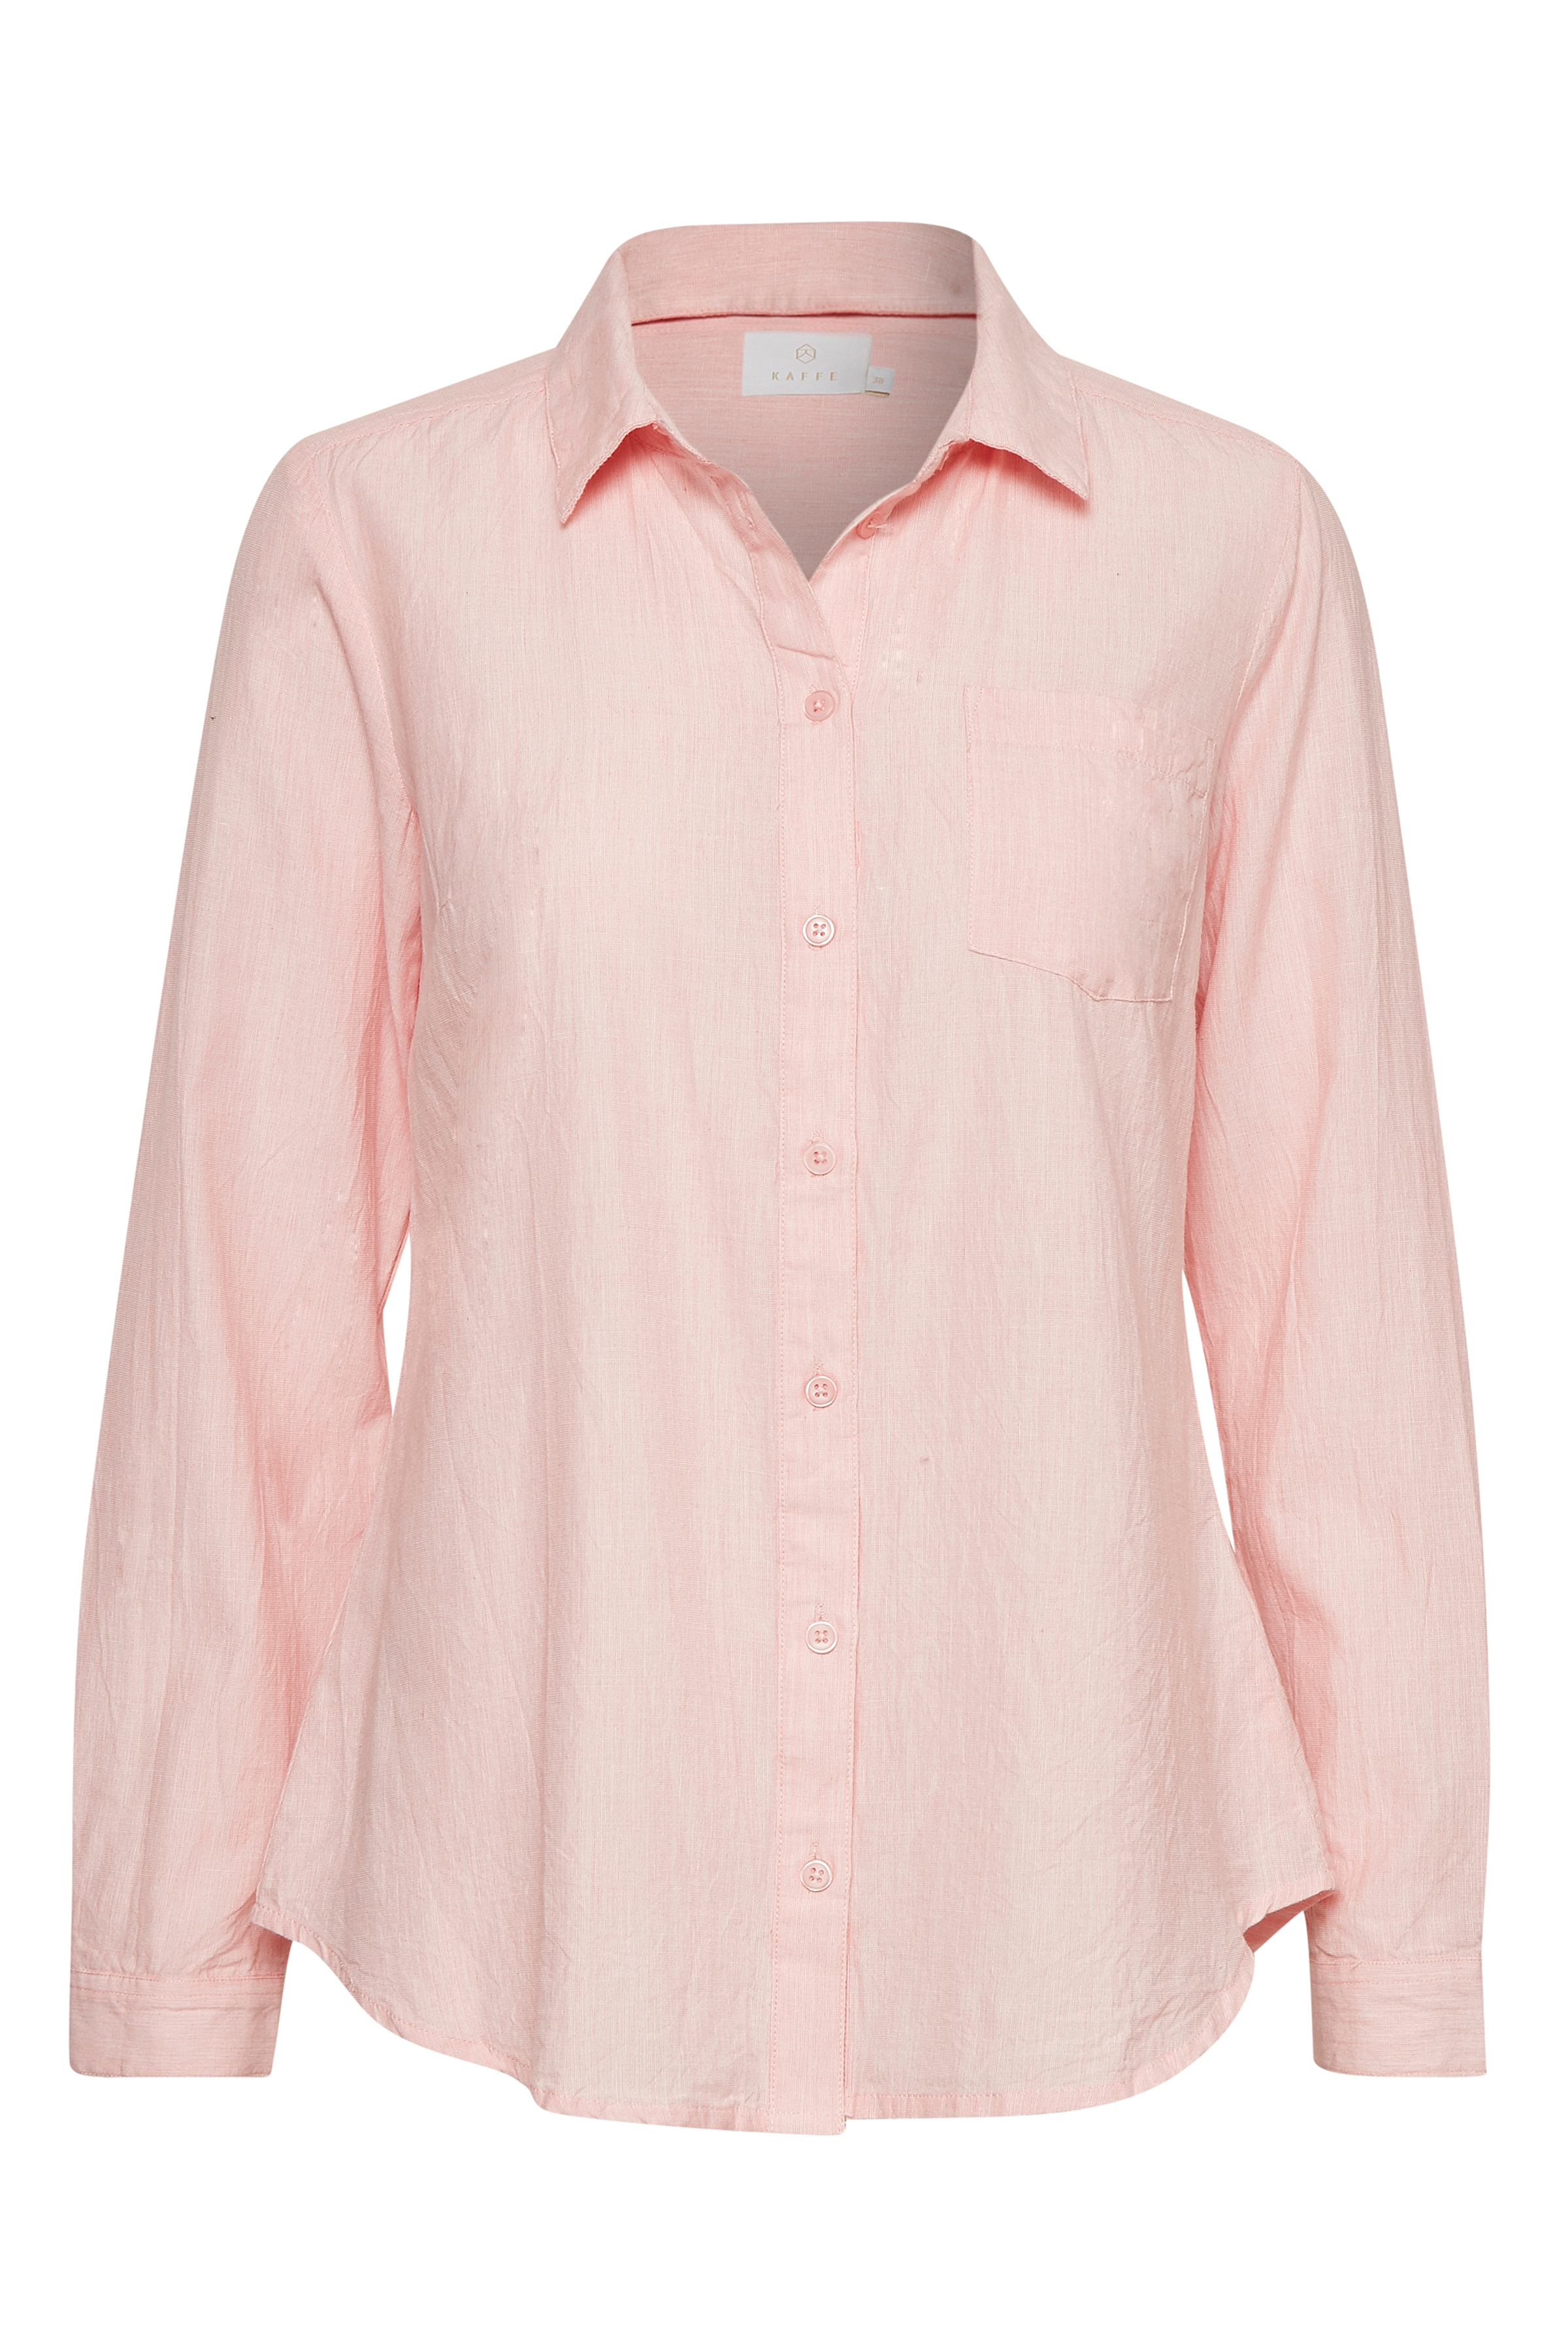 Lys rosa Langærmet skjorte fra Kaffe – Køb Lys rosa Langærmet skjorte fra str. 34-46 her